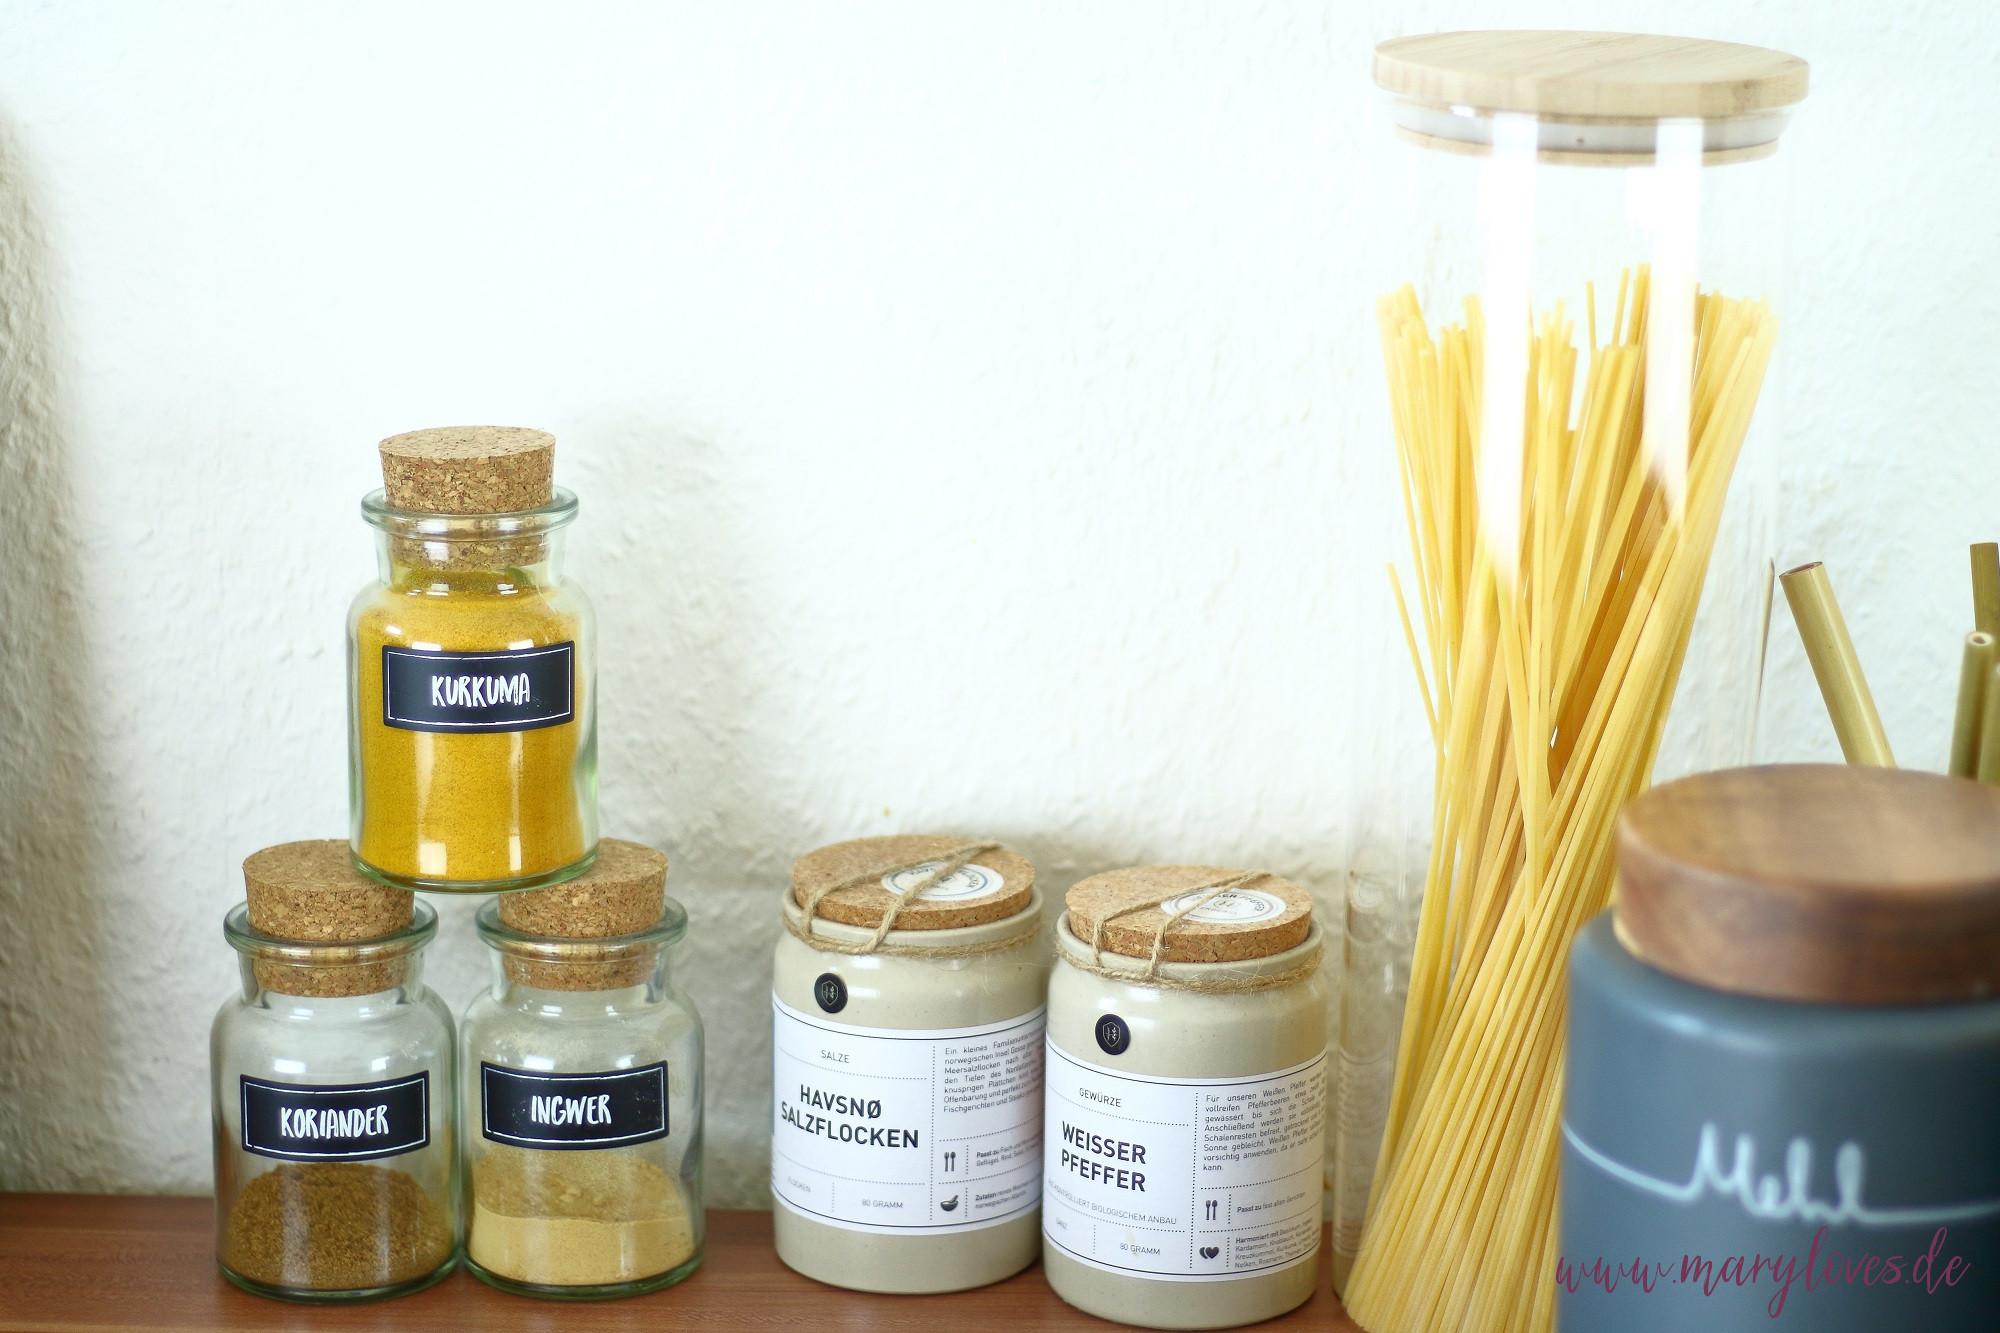 Nachhaltige Küche - Vorratshaltung in Gläsern